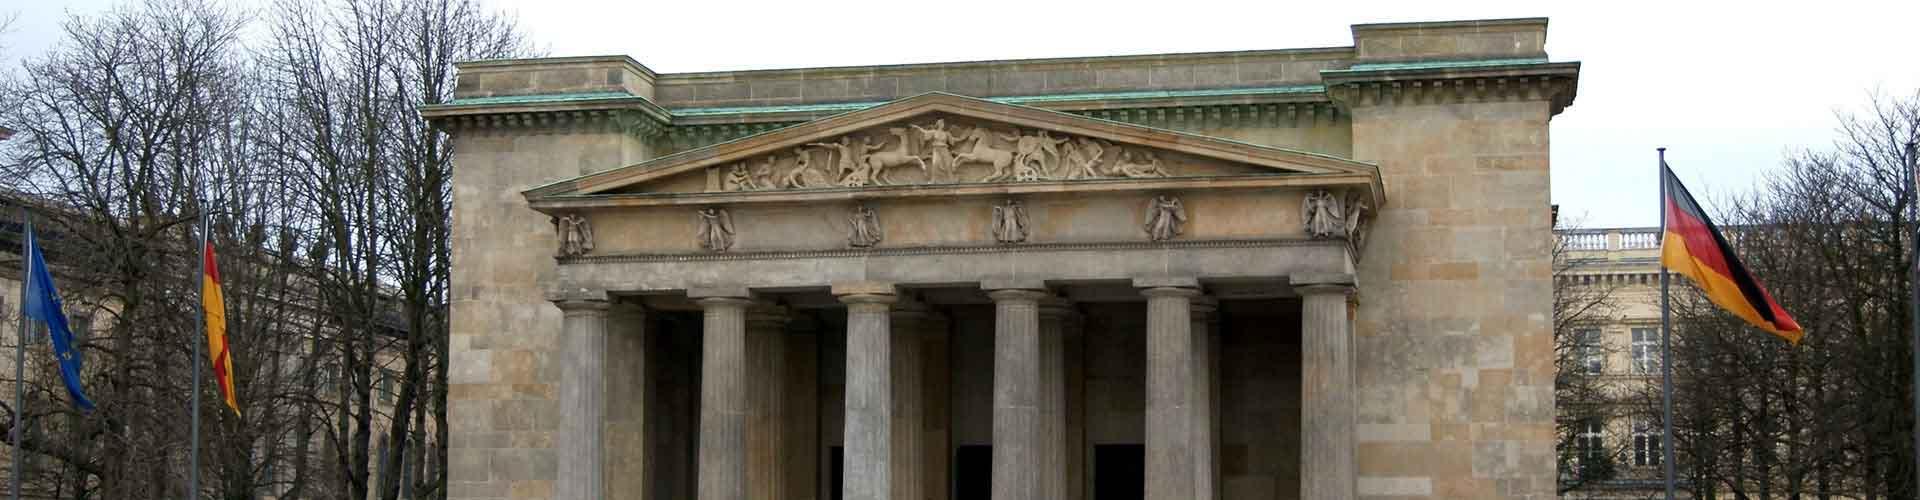 베를린 - 노이에 바헤(전쟁 기념관)과 조이크하우스 켈러(무기저장고)에 가까운 캠핑장. 베를린의 지도, 베를린에 위치한 캠핑장에 대한 사진 및 리뷰.